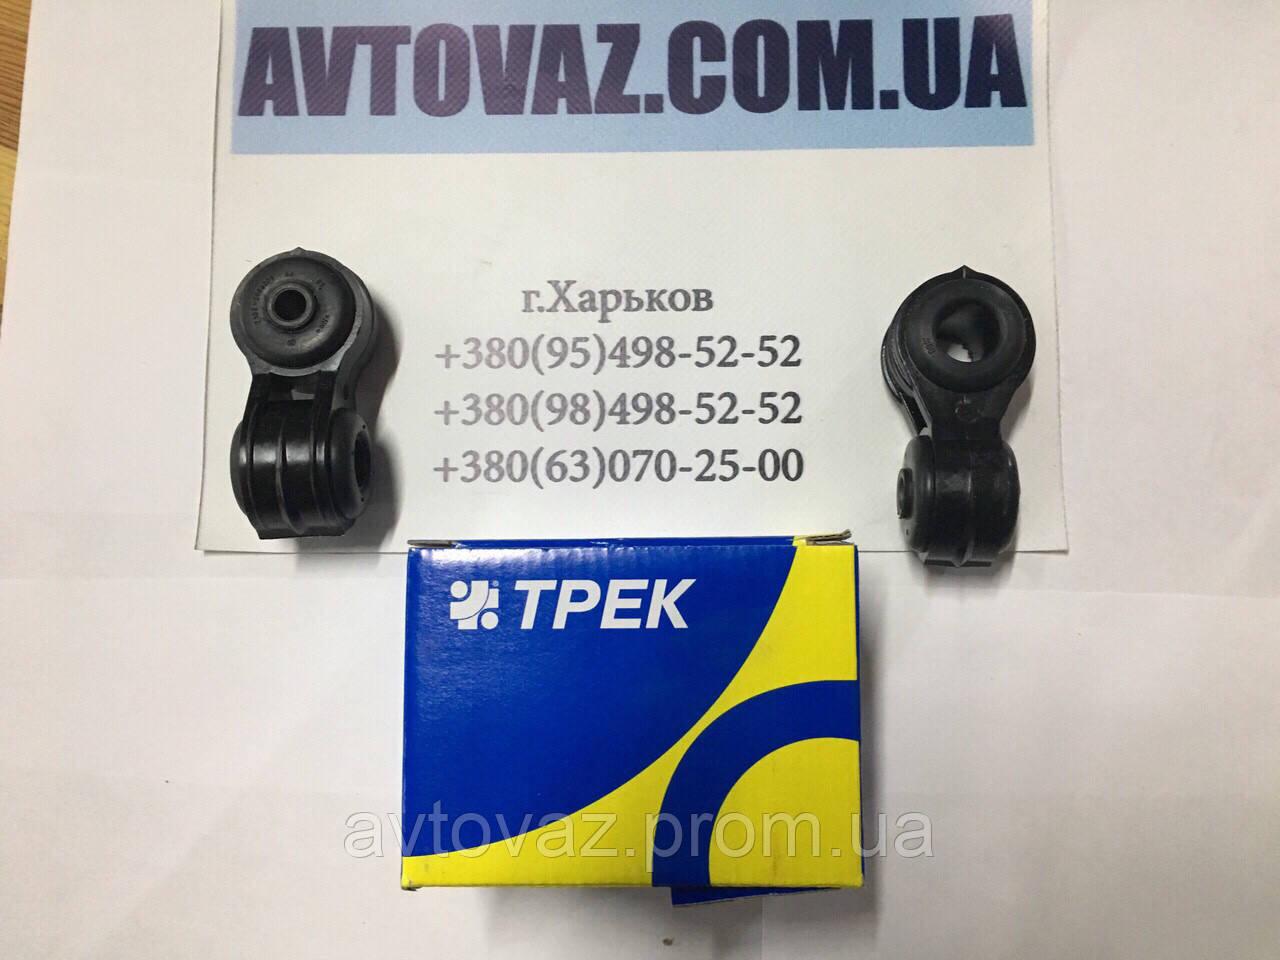 Стойки стабилизатора, яйца ВАЗ 2170 Приора, Калина (к-кт 2 шт.) Трек Чемпион  .